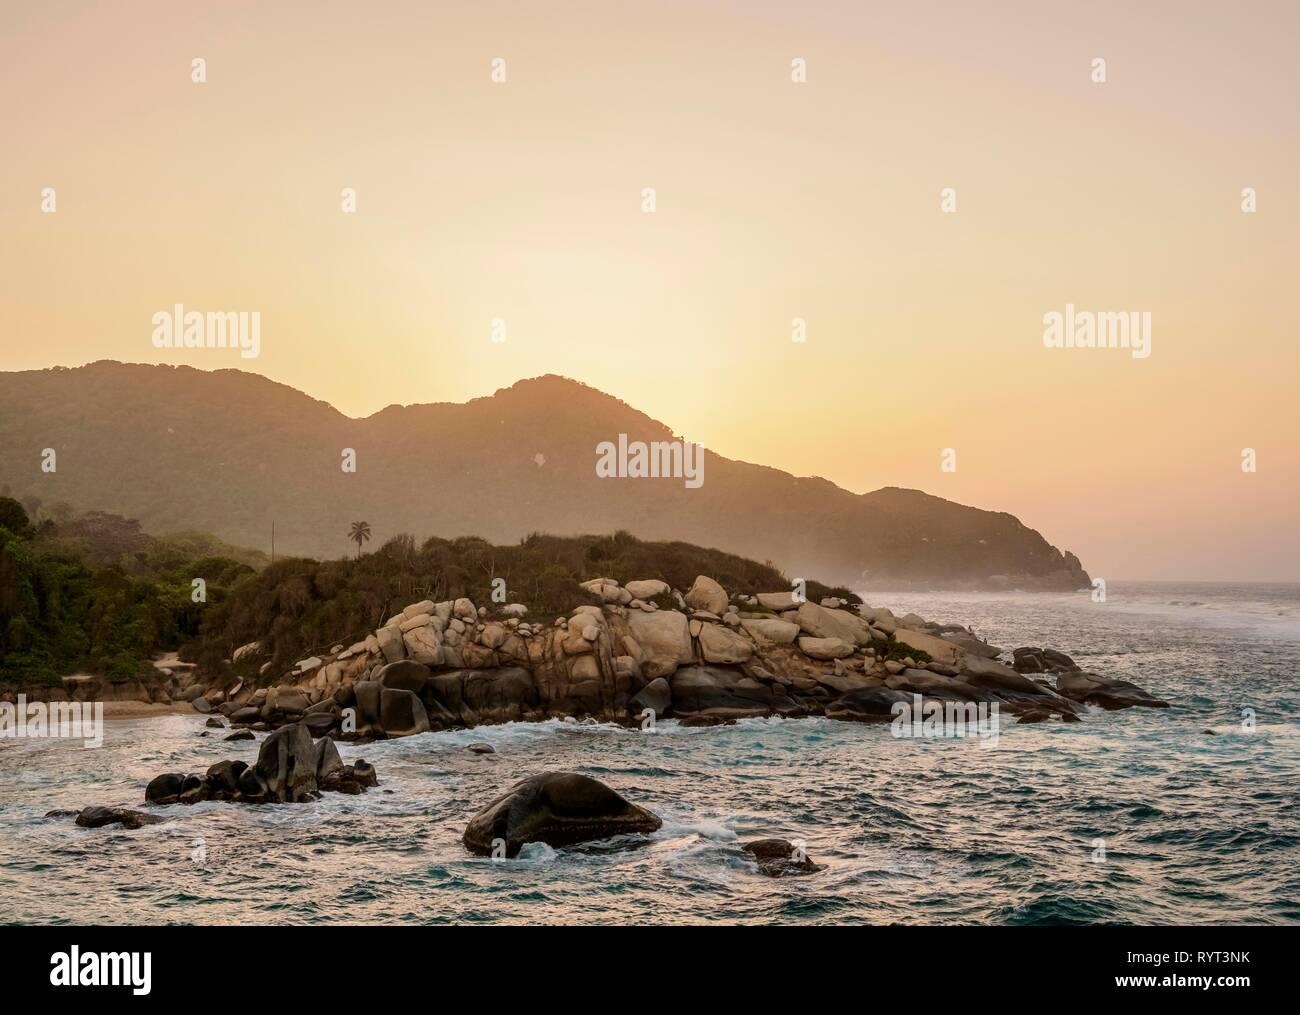 Rocky Coast of El Cabo San Juan del Guia at sunset, Tayrona National Natural Park, Magdalena Department, Caribbean, Colombia - Stock Image